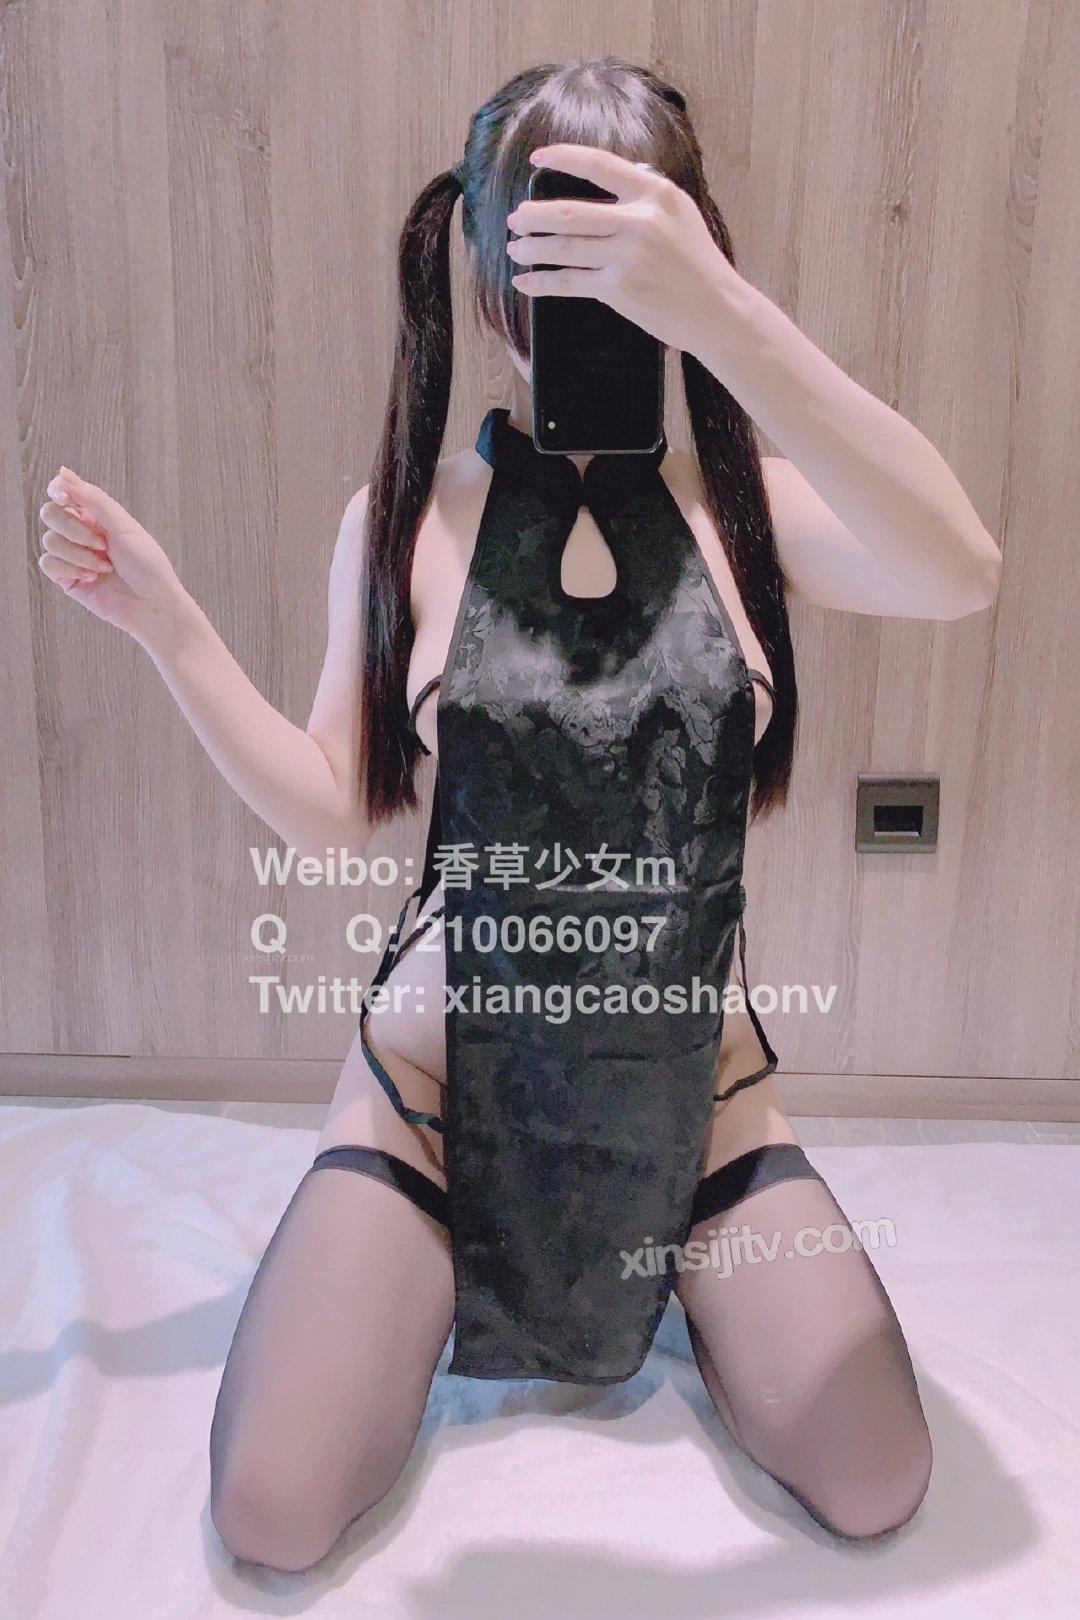 香草少女M(九尾狐狸M、咬一口小奈樱)旗袍黑过膝